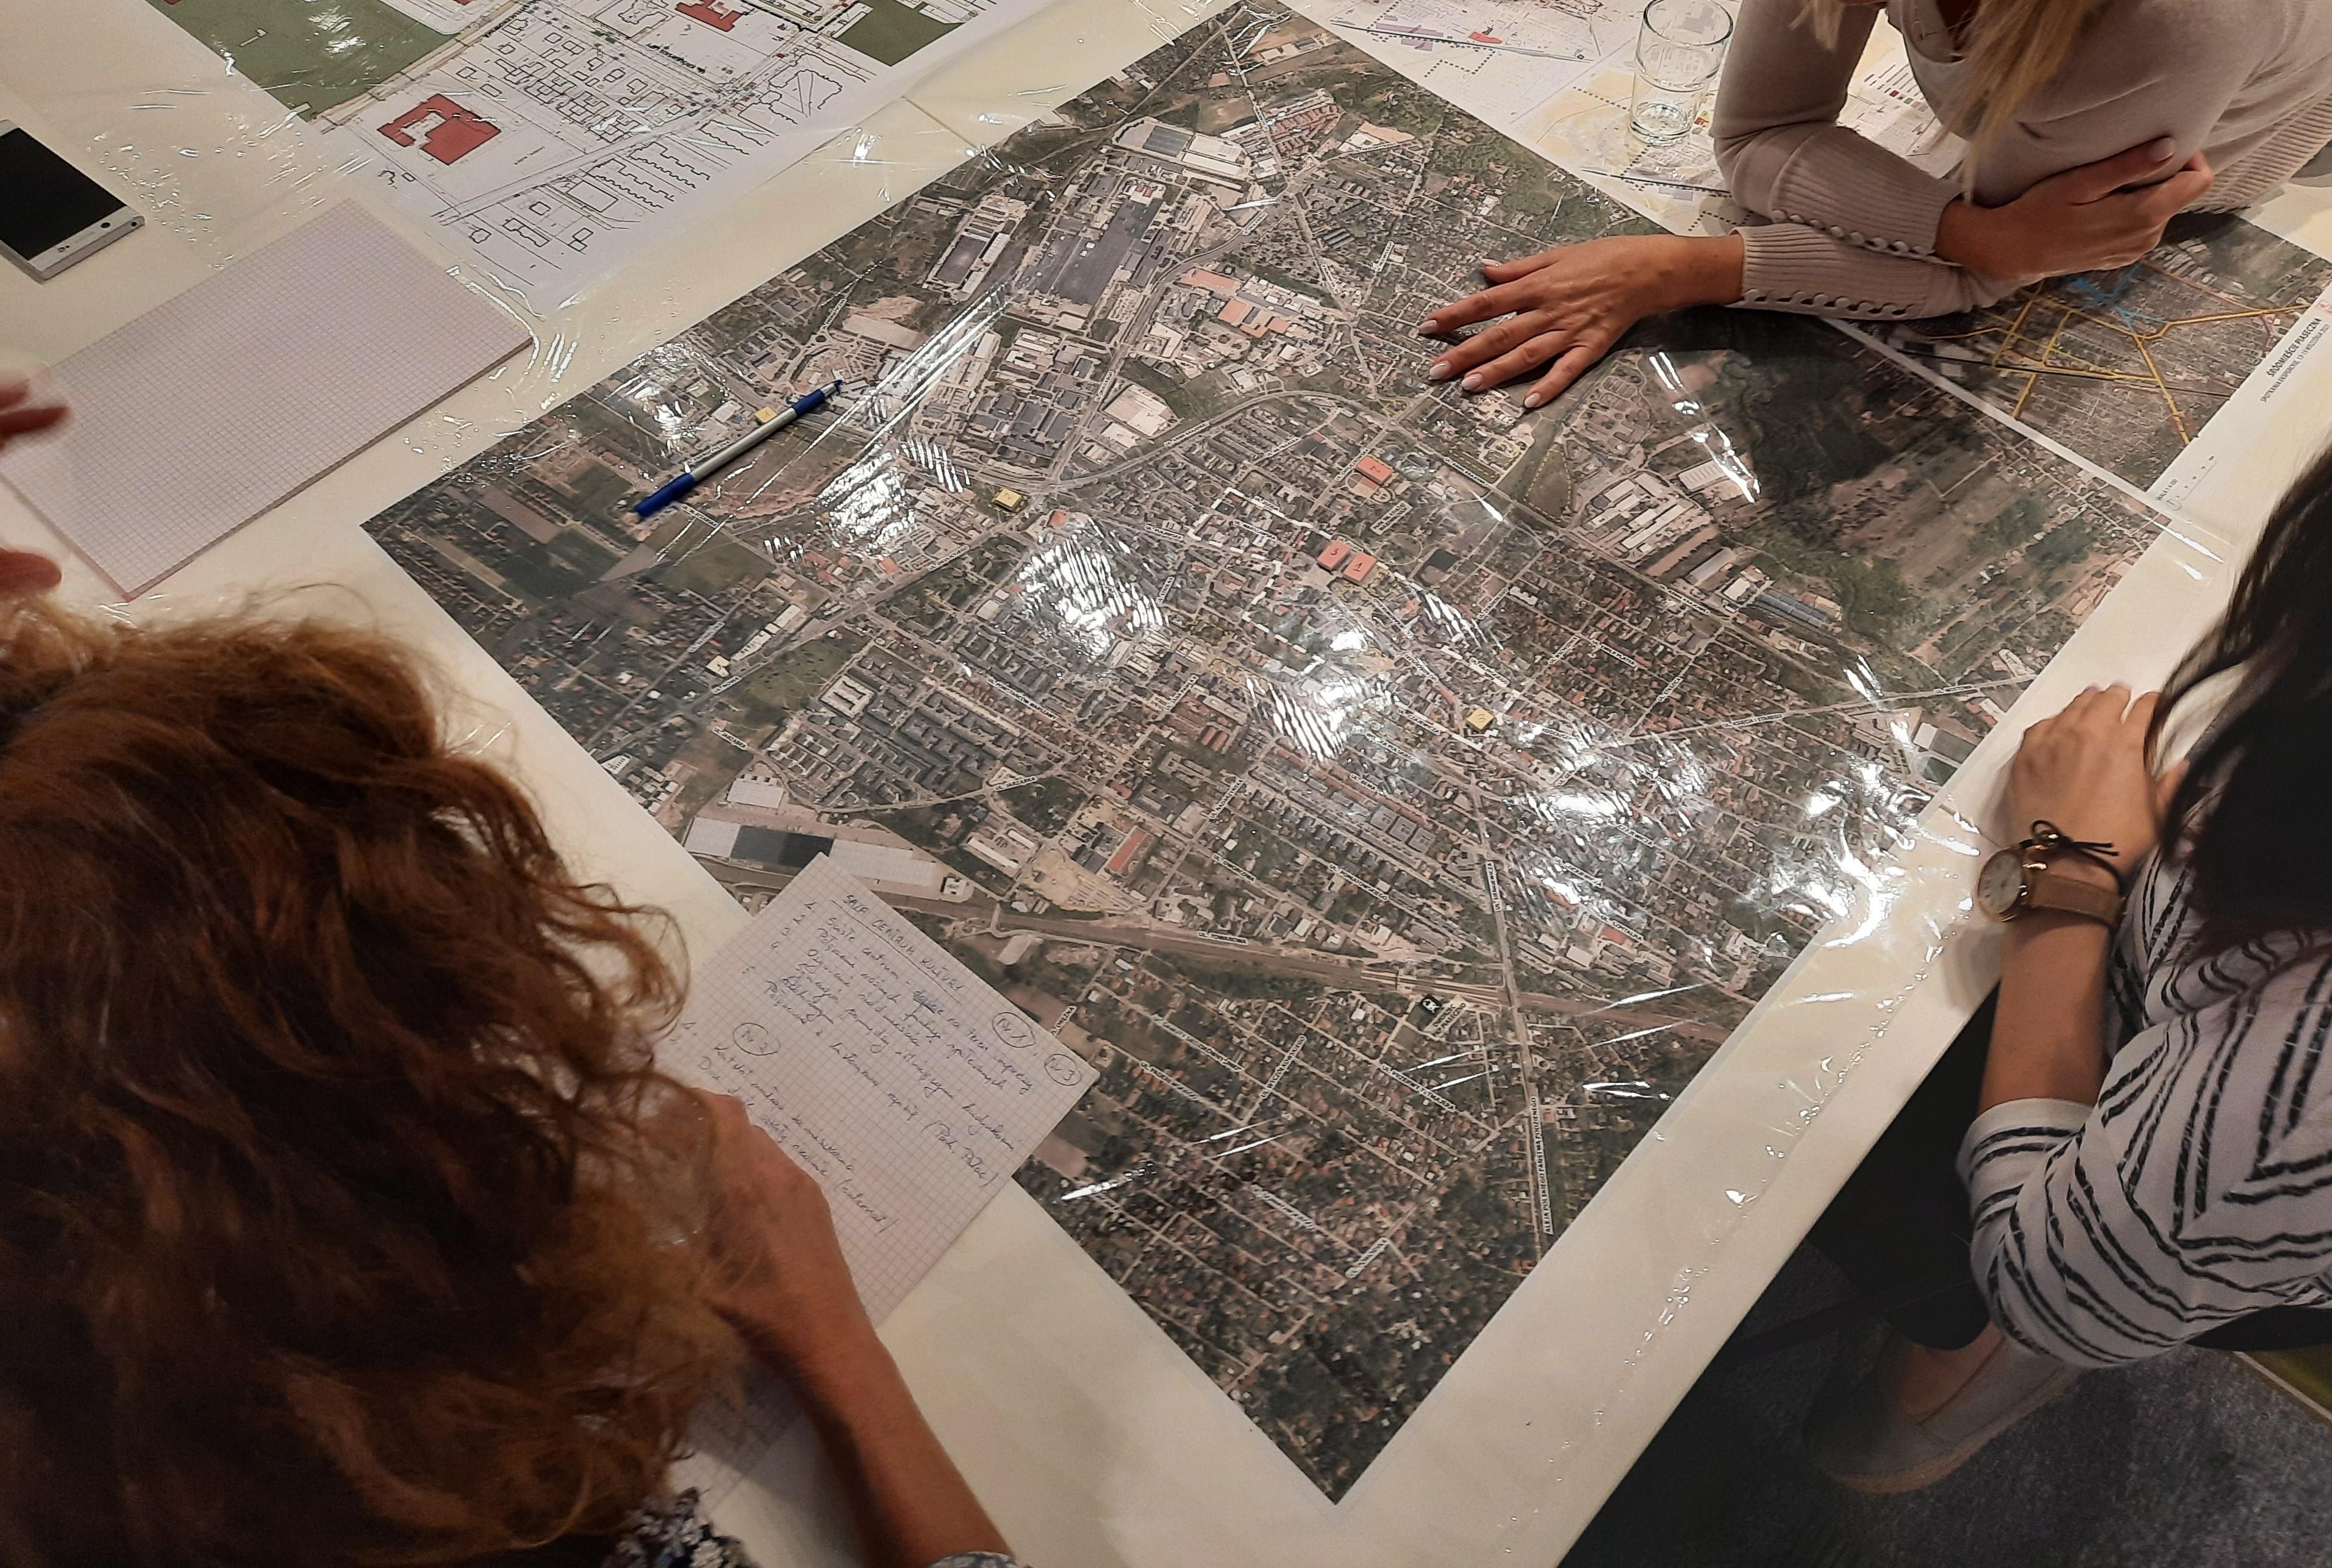 Jakie centrum Piaseczna? Na zdjęciu urzędnicy i rozłożona na stole mapa miasta.